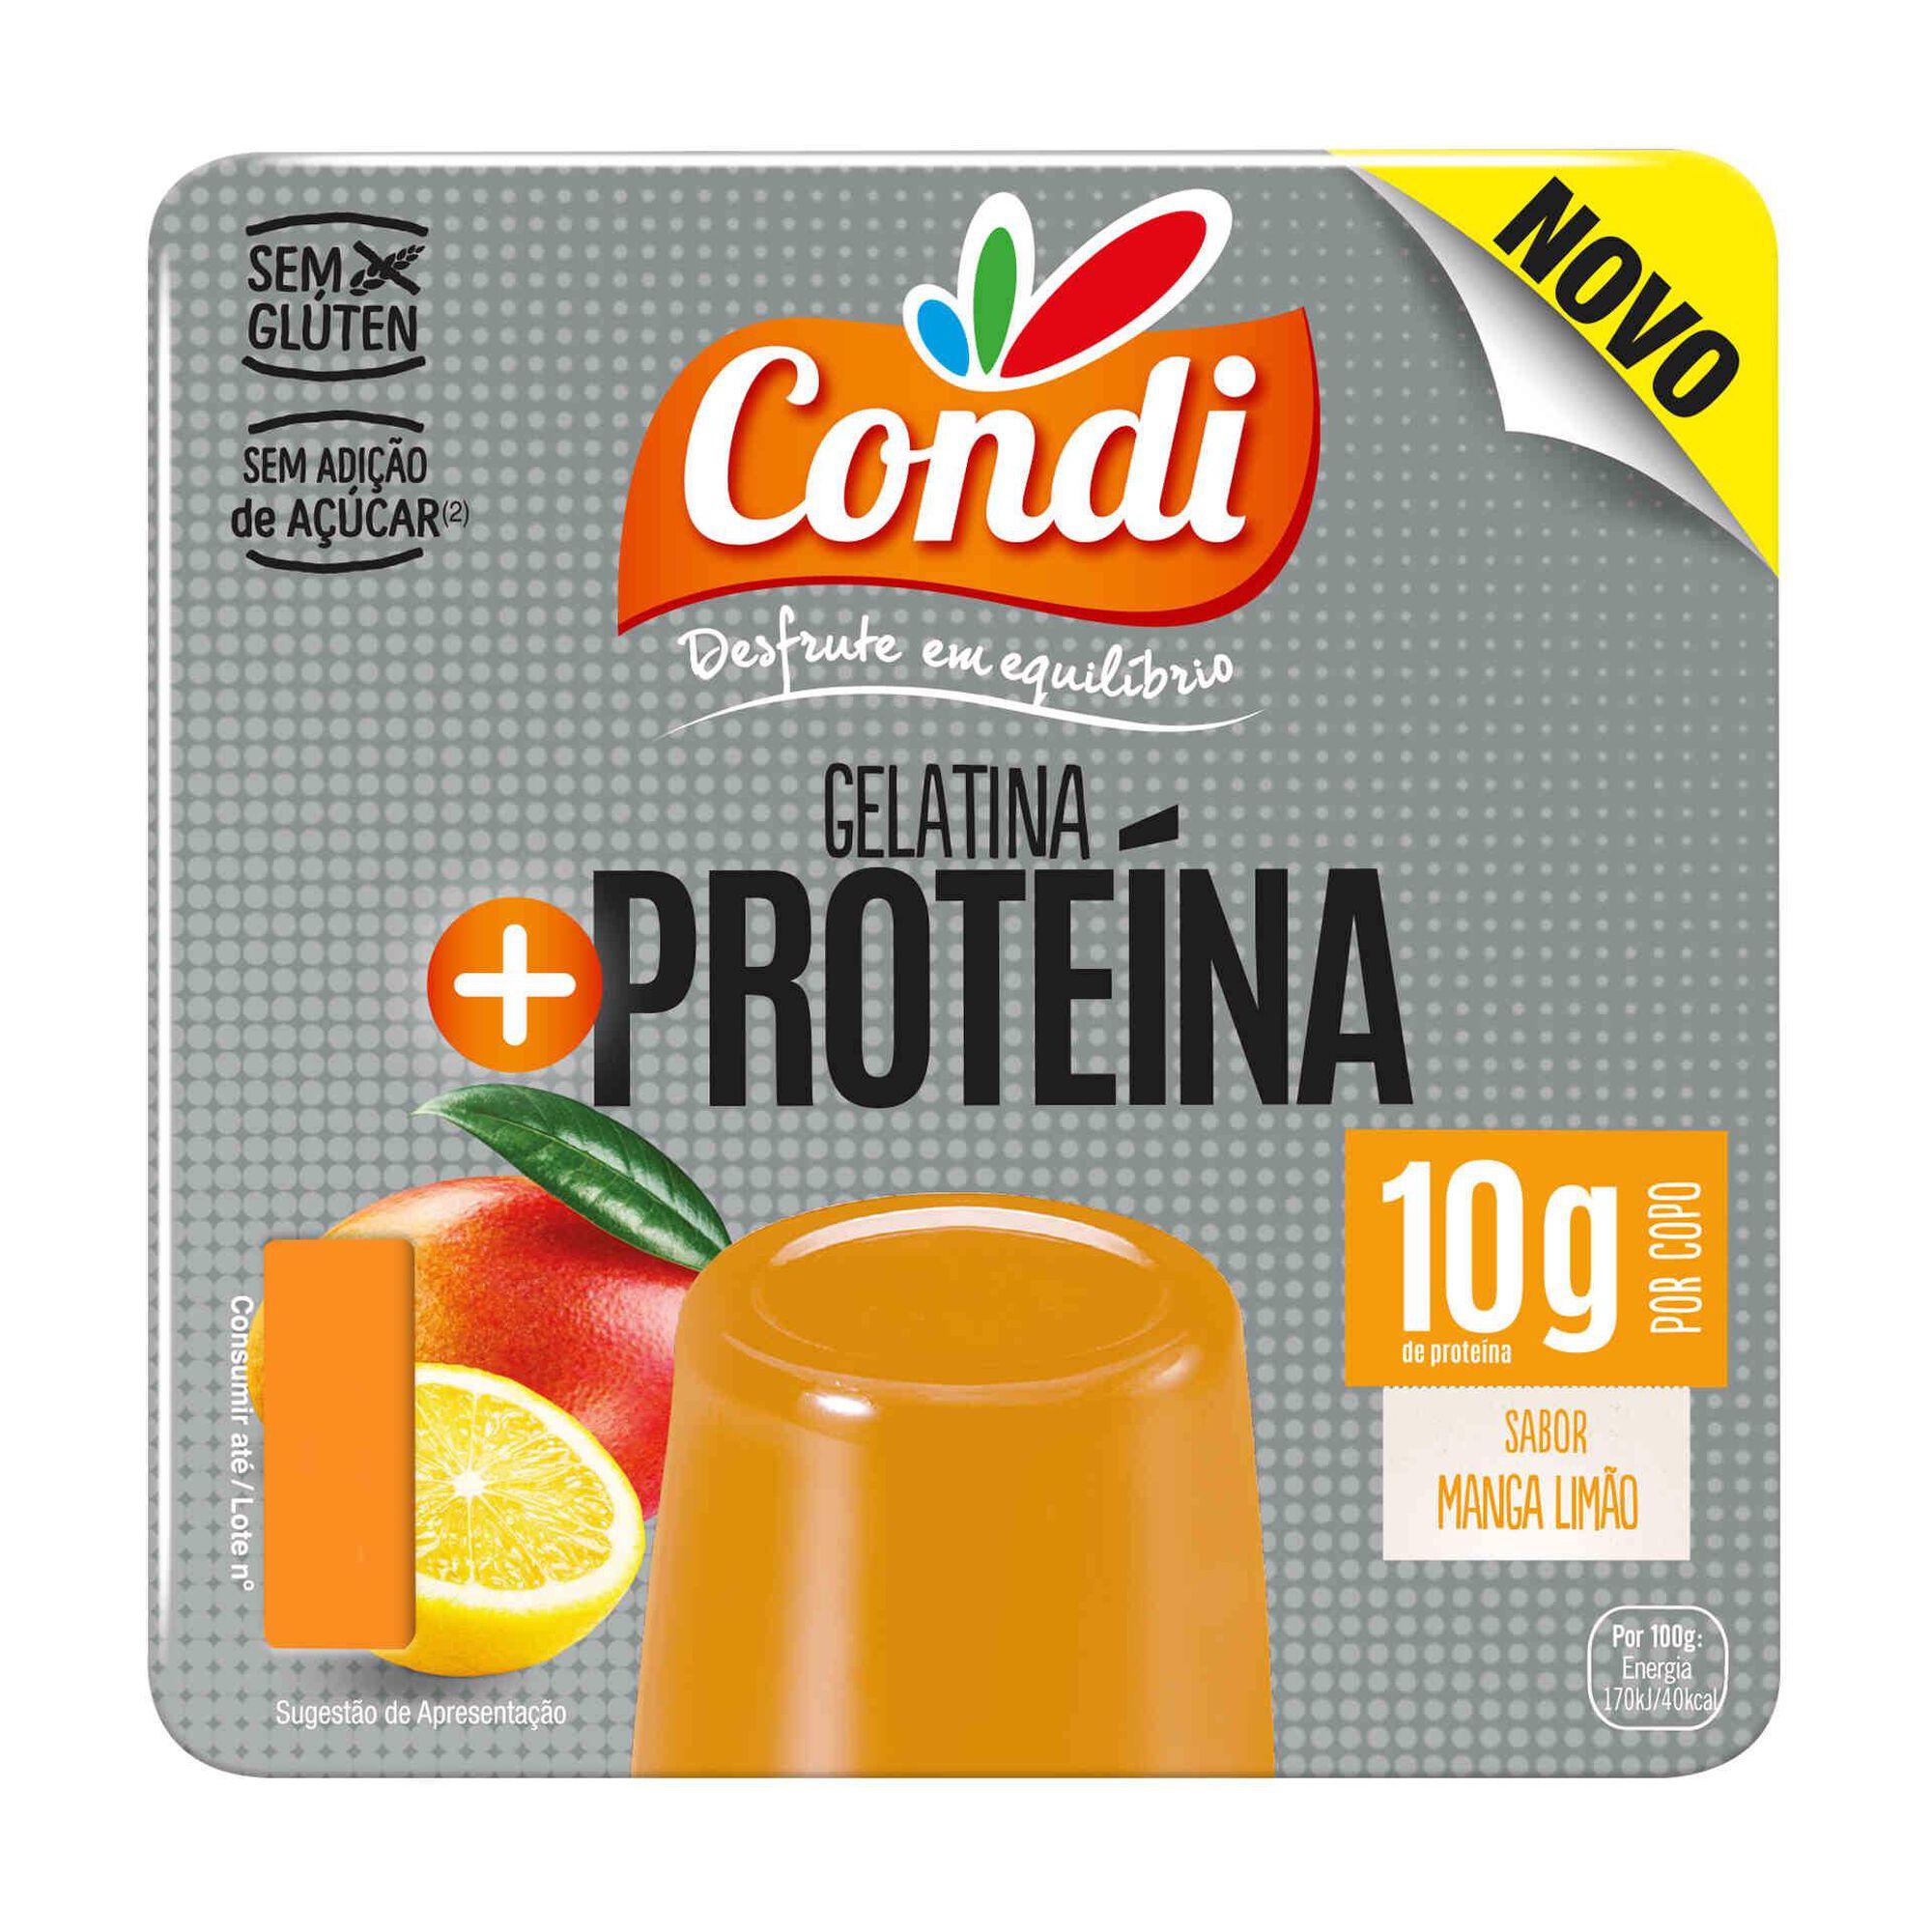 Gelatina Pronta + Proteína Manga e Limão